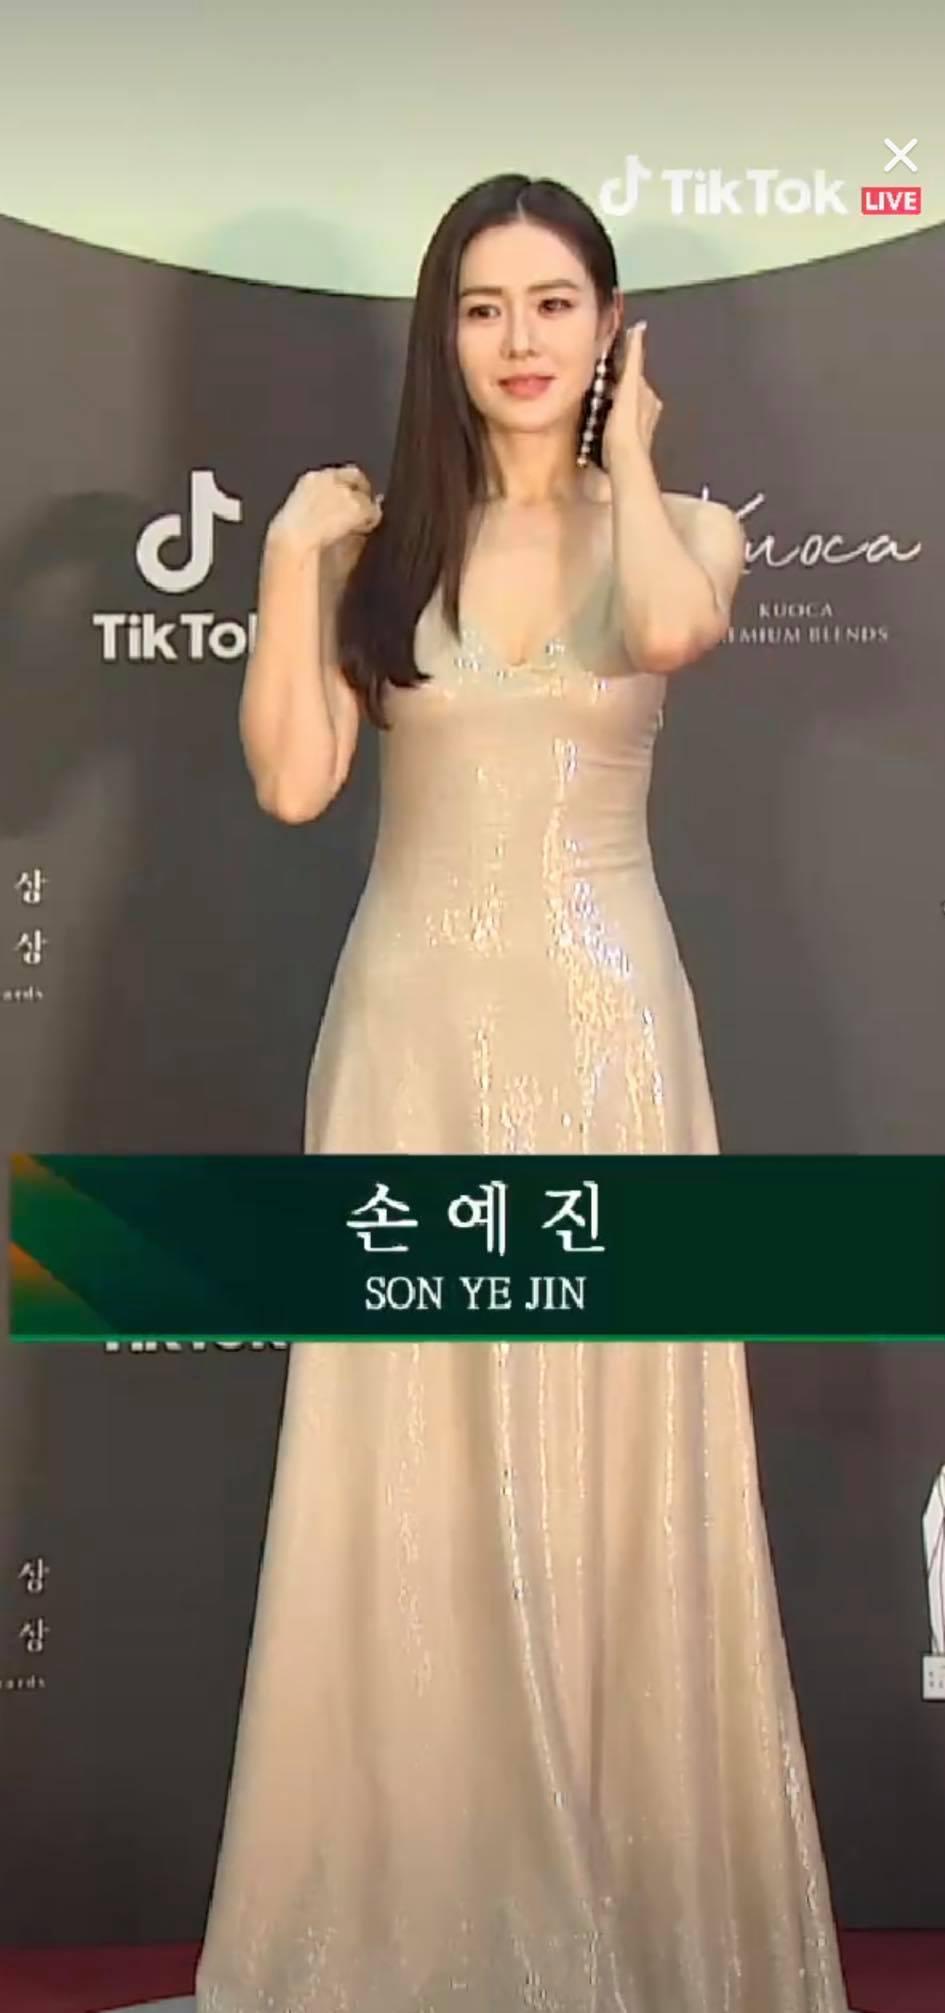 Tỏa sáng nhất thảm đỏ Baeksang năwm nay phải kể tới hai mỹ nhân Seo Ji Hye và Son Ye Jin của Hạ cánh nơi anh. Hai diễn viên diện váy đơn giản nhưng chiếm trọn spotlight, khiến khán giả ngỡ ngàng với vẻ đẹp tuyệt mỹ. Bên cạnh đó, Hyun Bin bảnh bao cũng gây chú ý